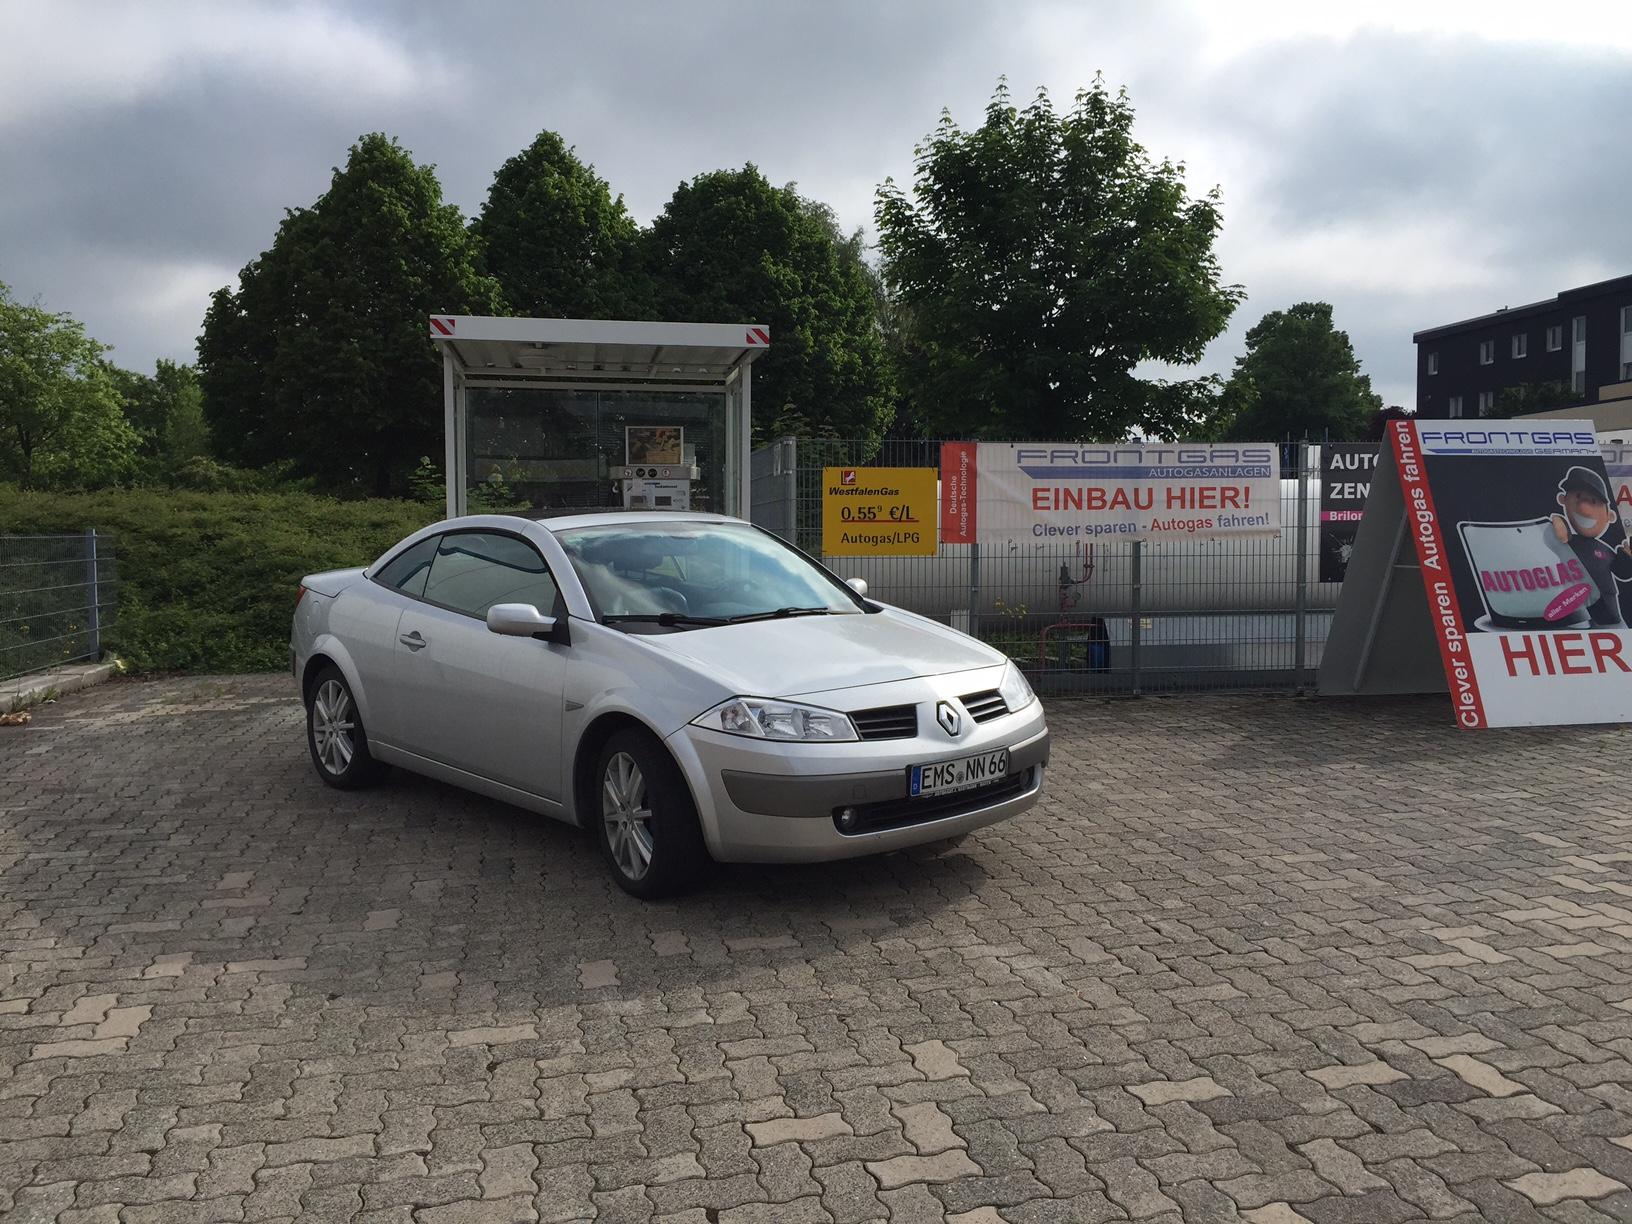 autogas_umruesstung-auf-lpg-autogas-renault-megane-cabrio-hauptbild